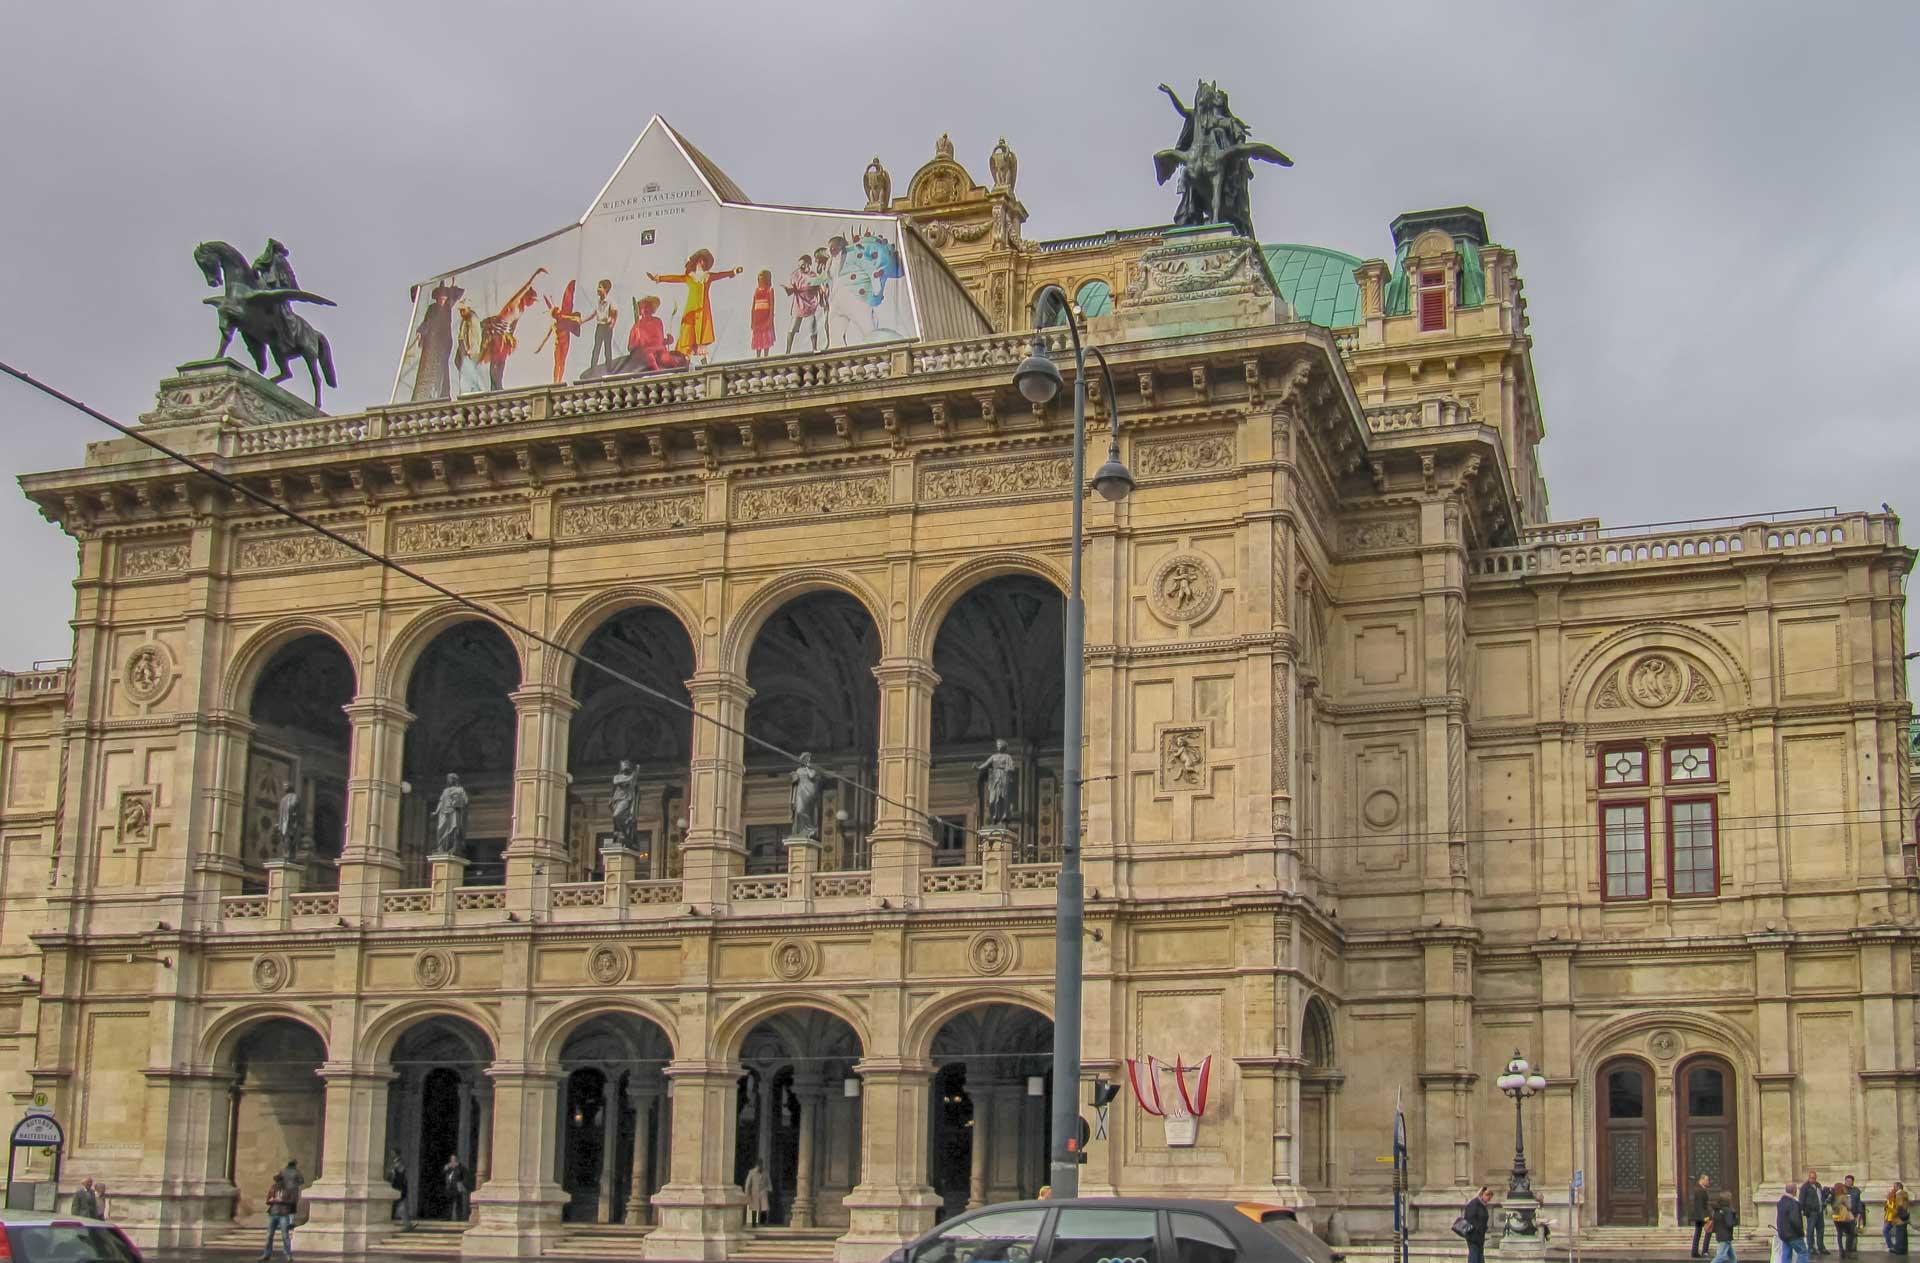 vienna state opera - Must See Wien